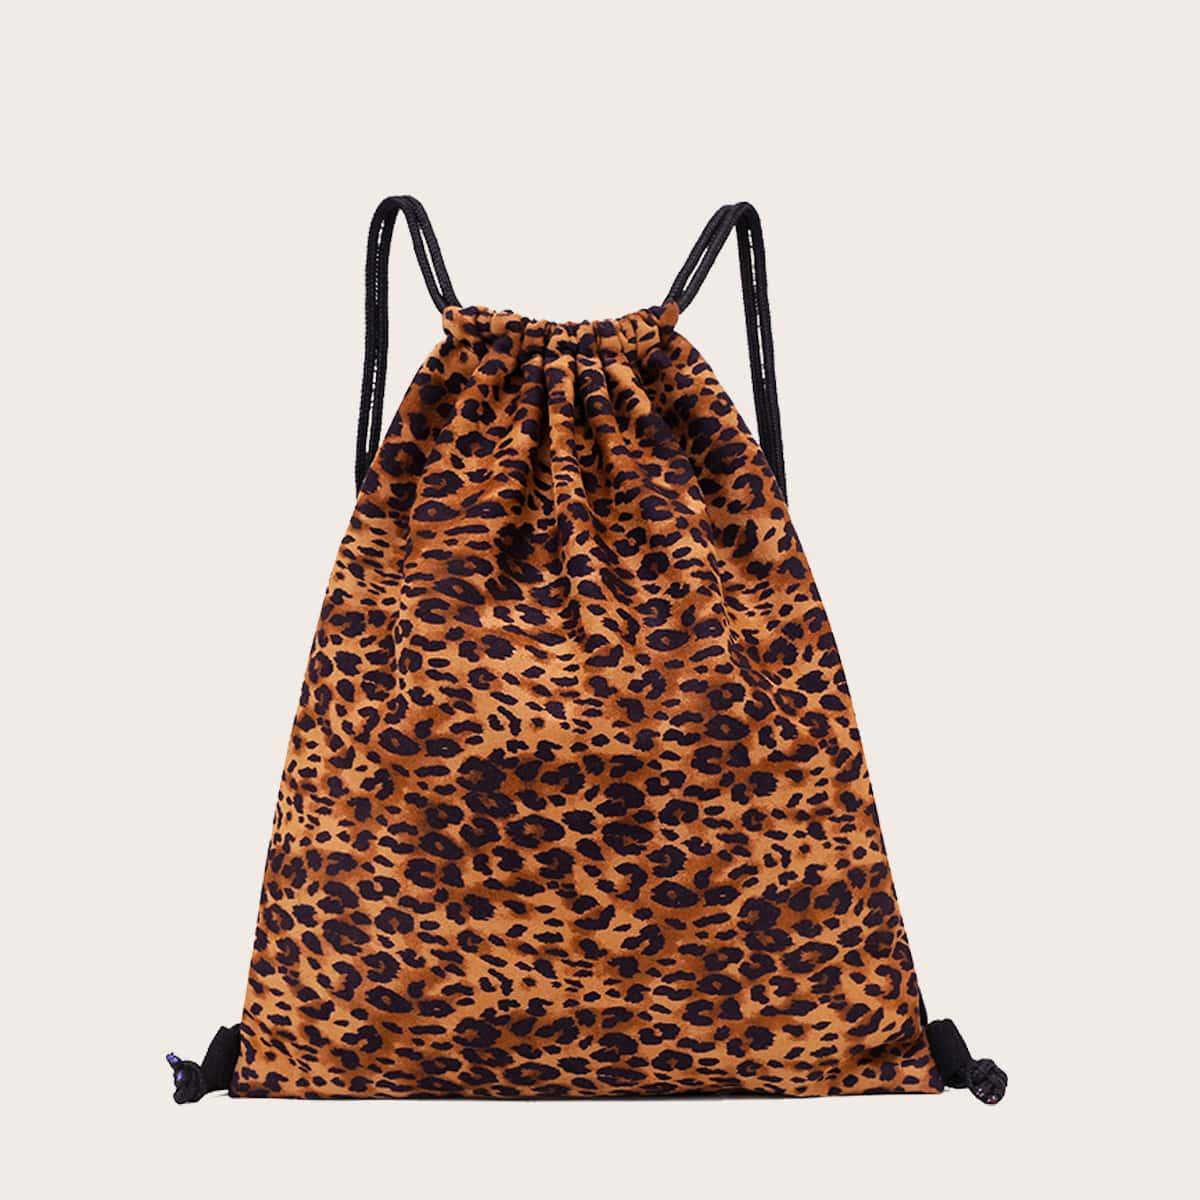 Рюкзак на шнурке с леопардовым узором